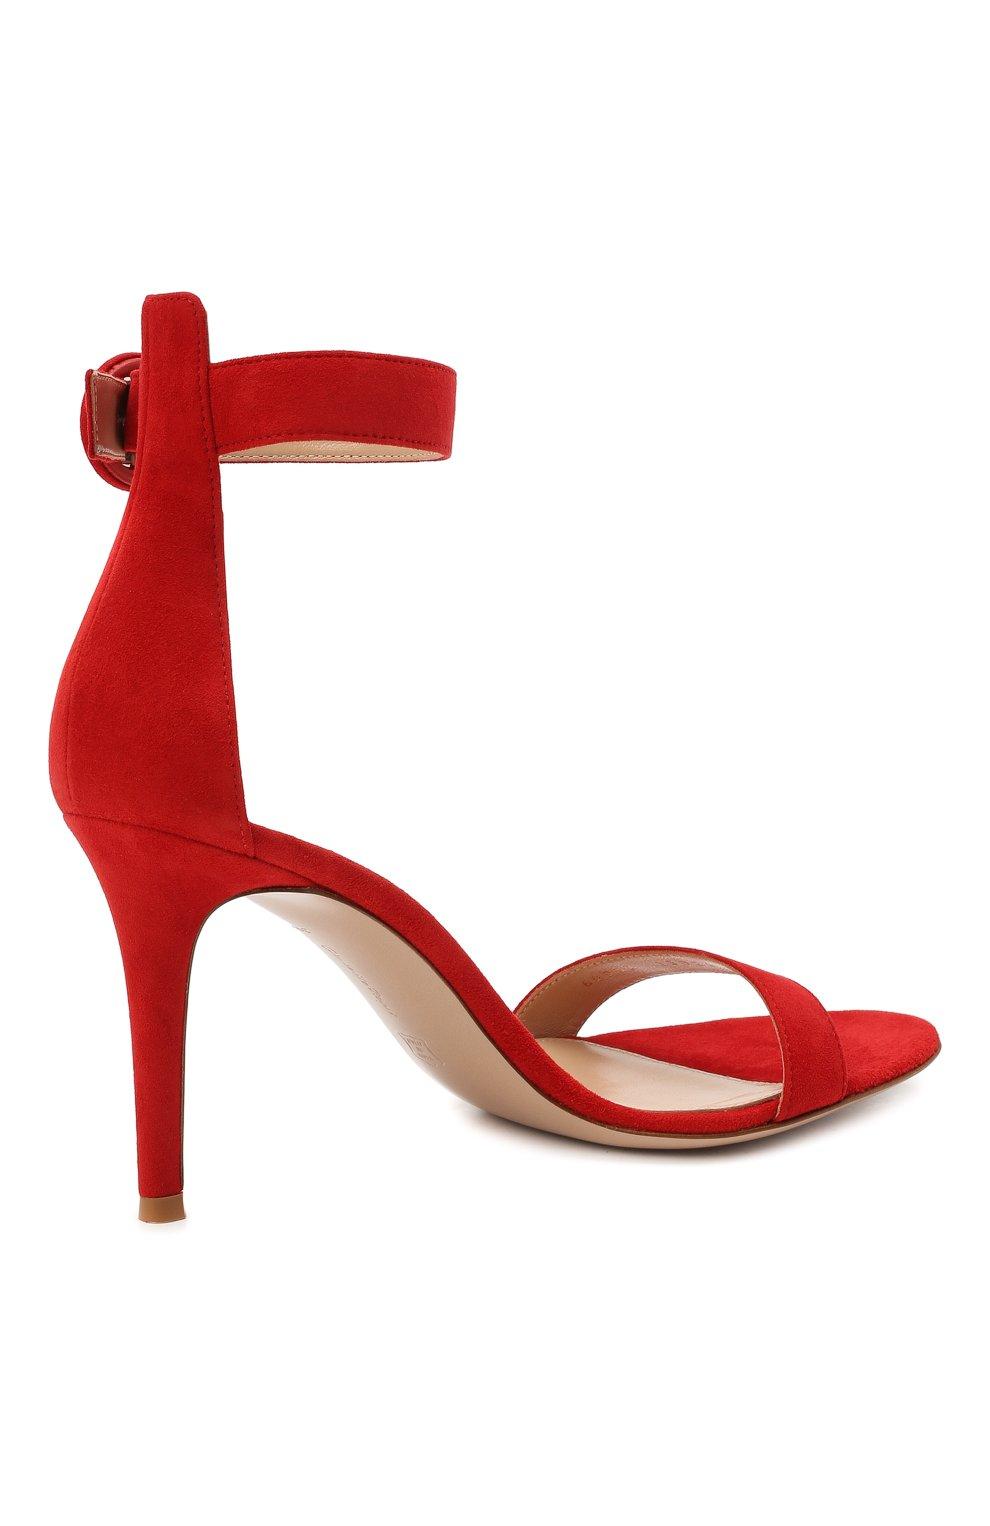 Женские замшевые босоножки portofino GIANVITO ROSSI красного цвета, арт. G60953.85RIC.CAMTABS | Фото 4 (Каблук высота: Высокий; Материал внутренний: Натуральная кожа; Каблук тип: Шпилька; Подошва: Плоская; Материал внешний: Замша)